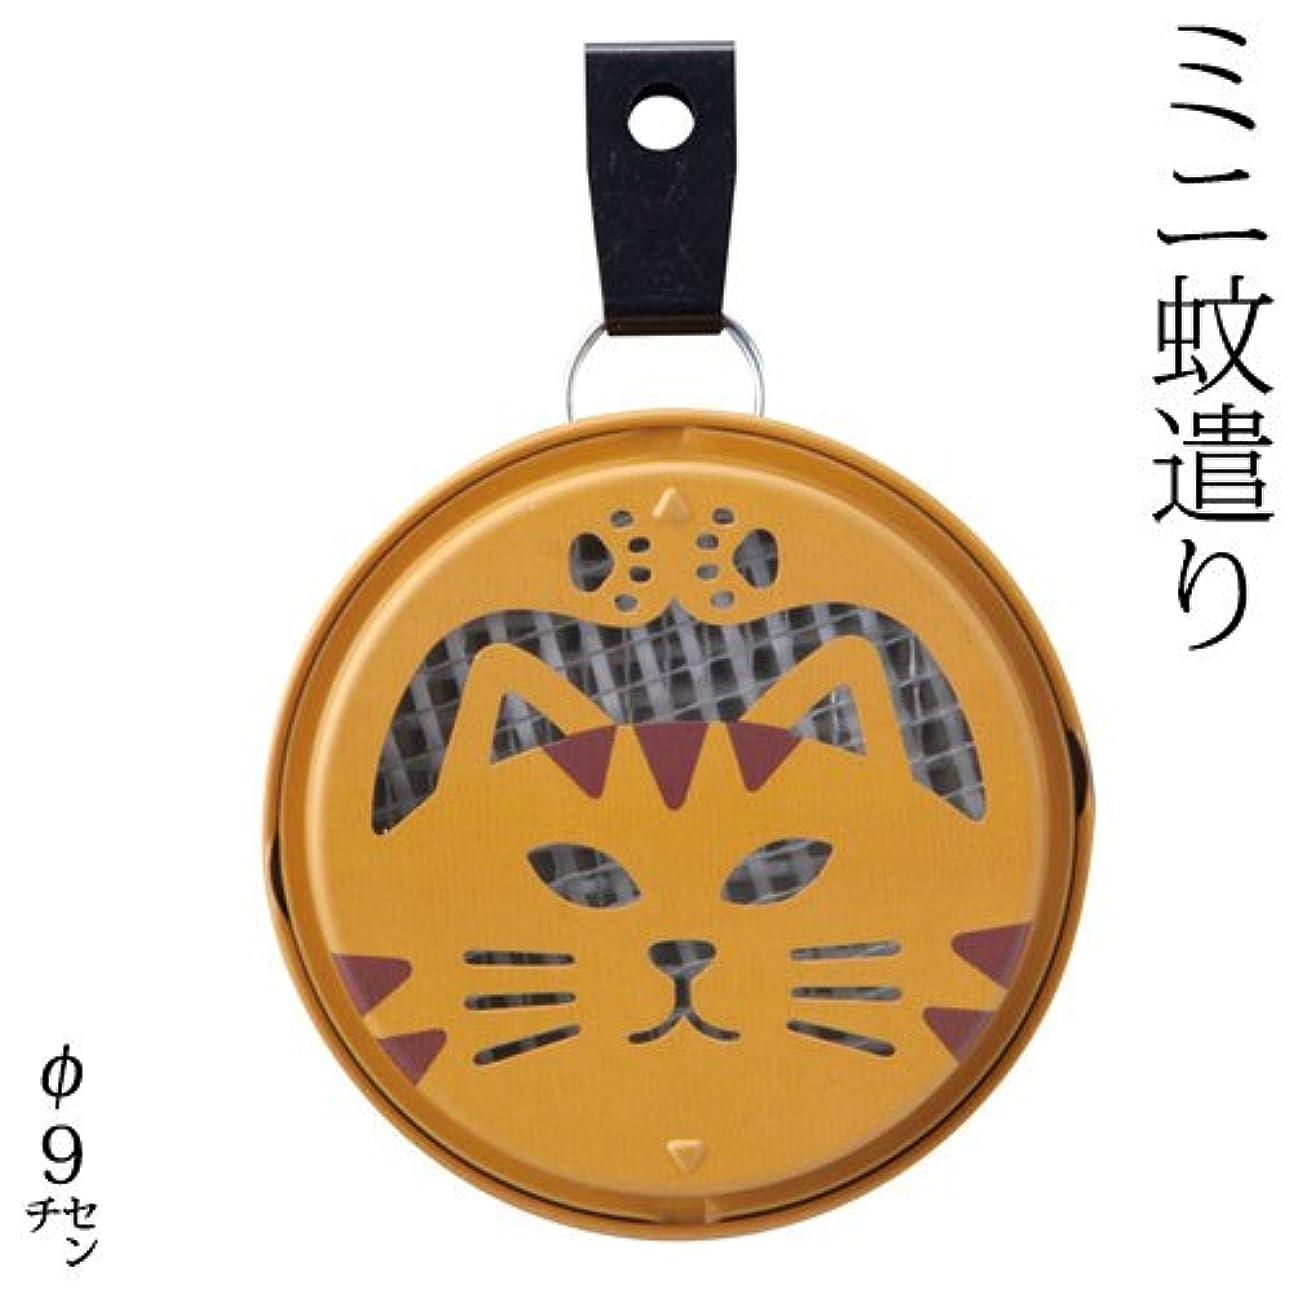 味わう実り多い窒素DECOLEポータブルミニ蚊遣りトラ猫 (SK-87513)吊り下げ?床置き対応Portable mini Kayari